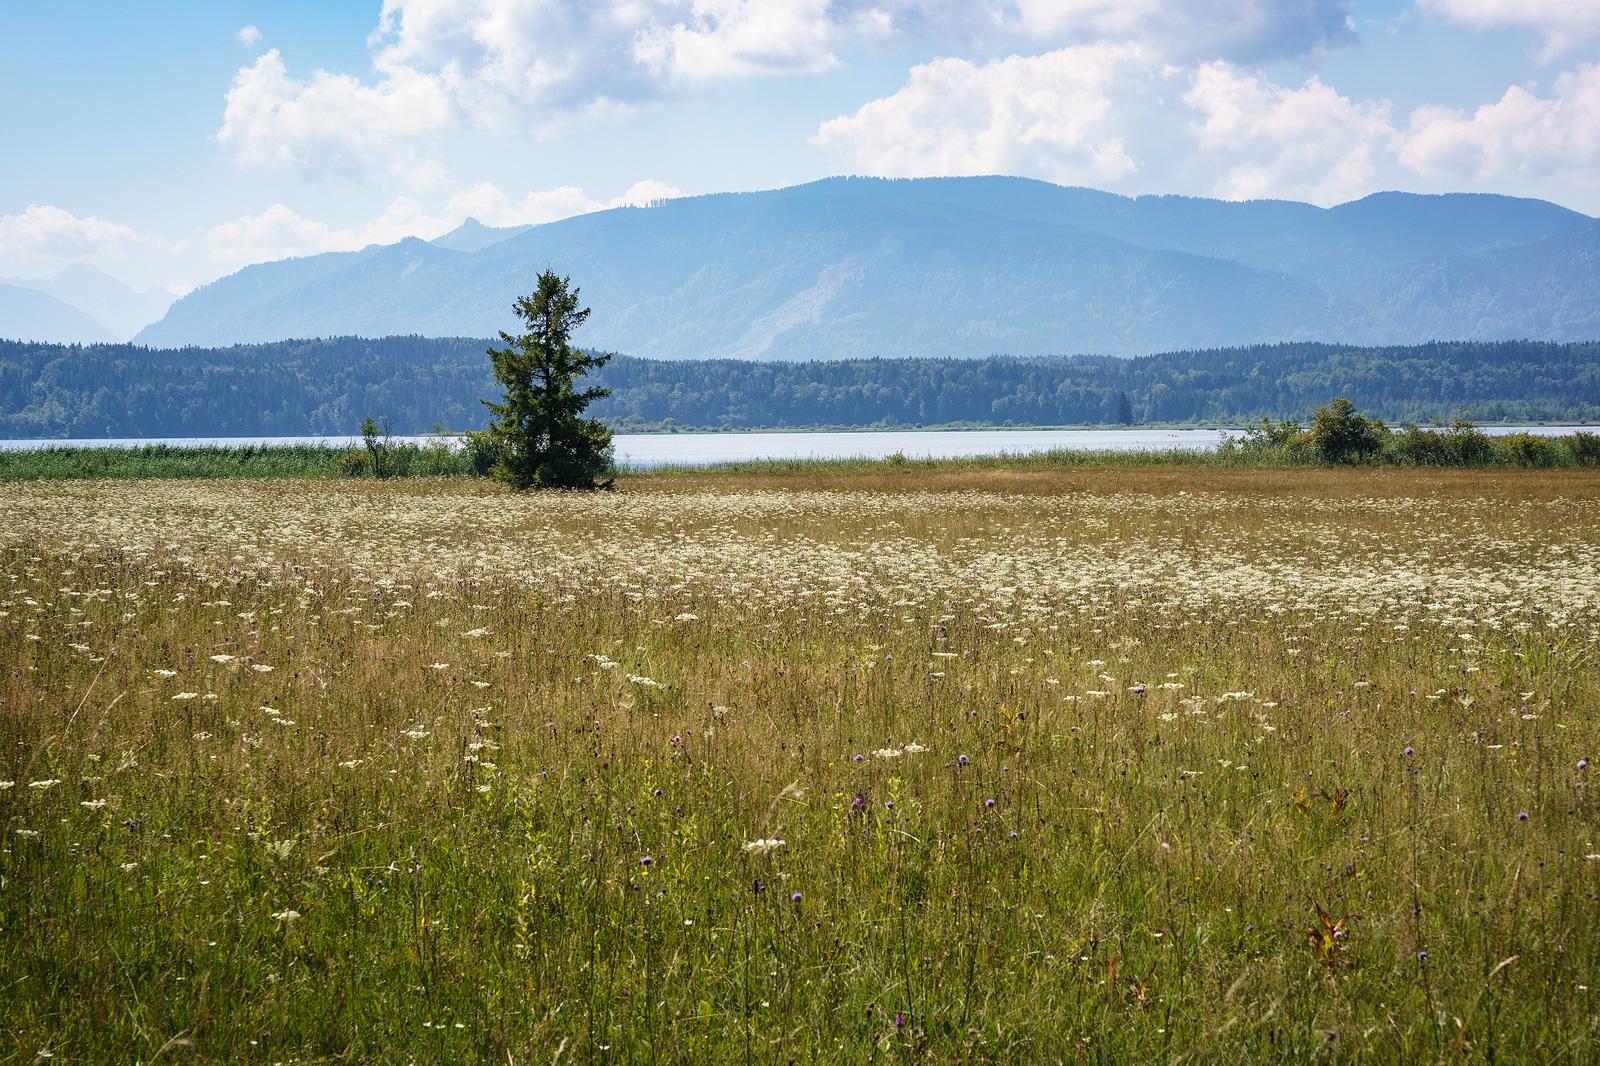 """Naturschutzgebiet """"Westlicher Staffelsee mit angrenzenden Mooren"""" mit Bergblick im Sommer"""